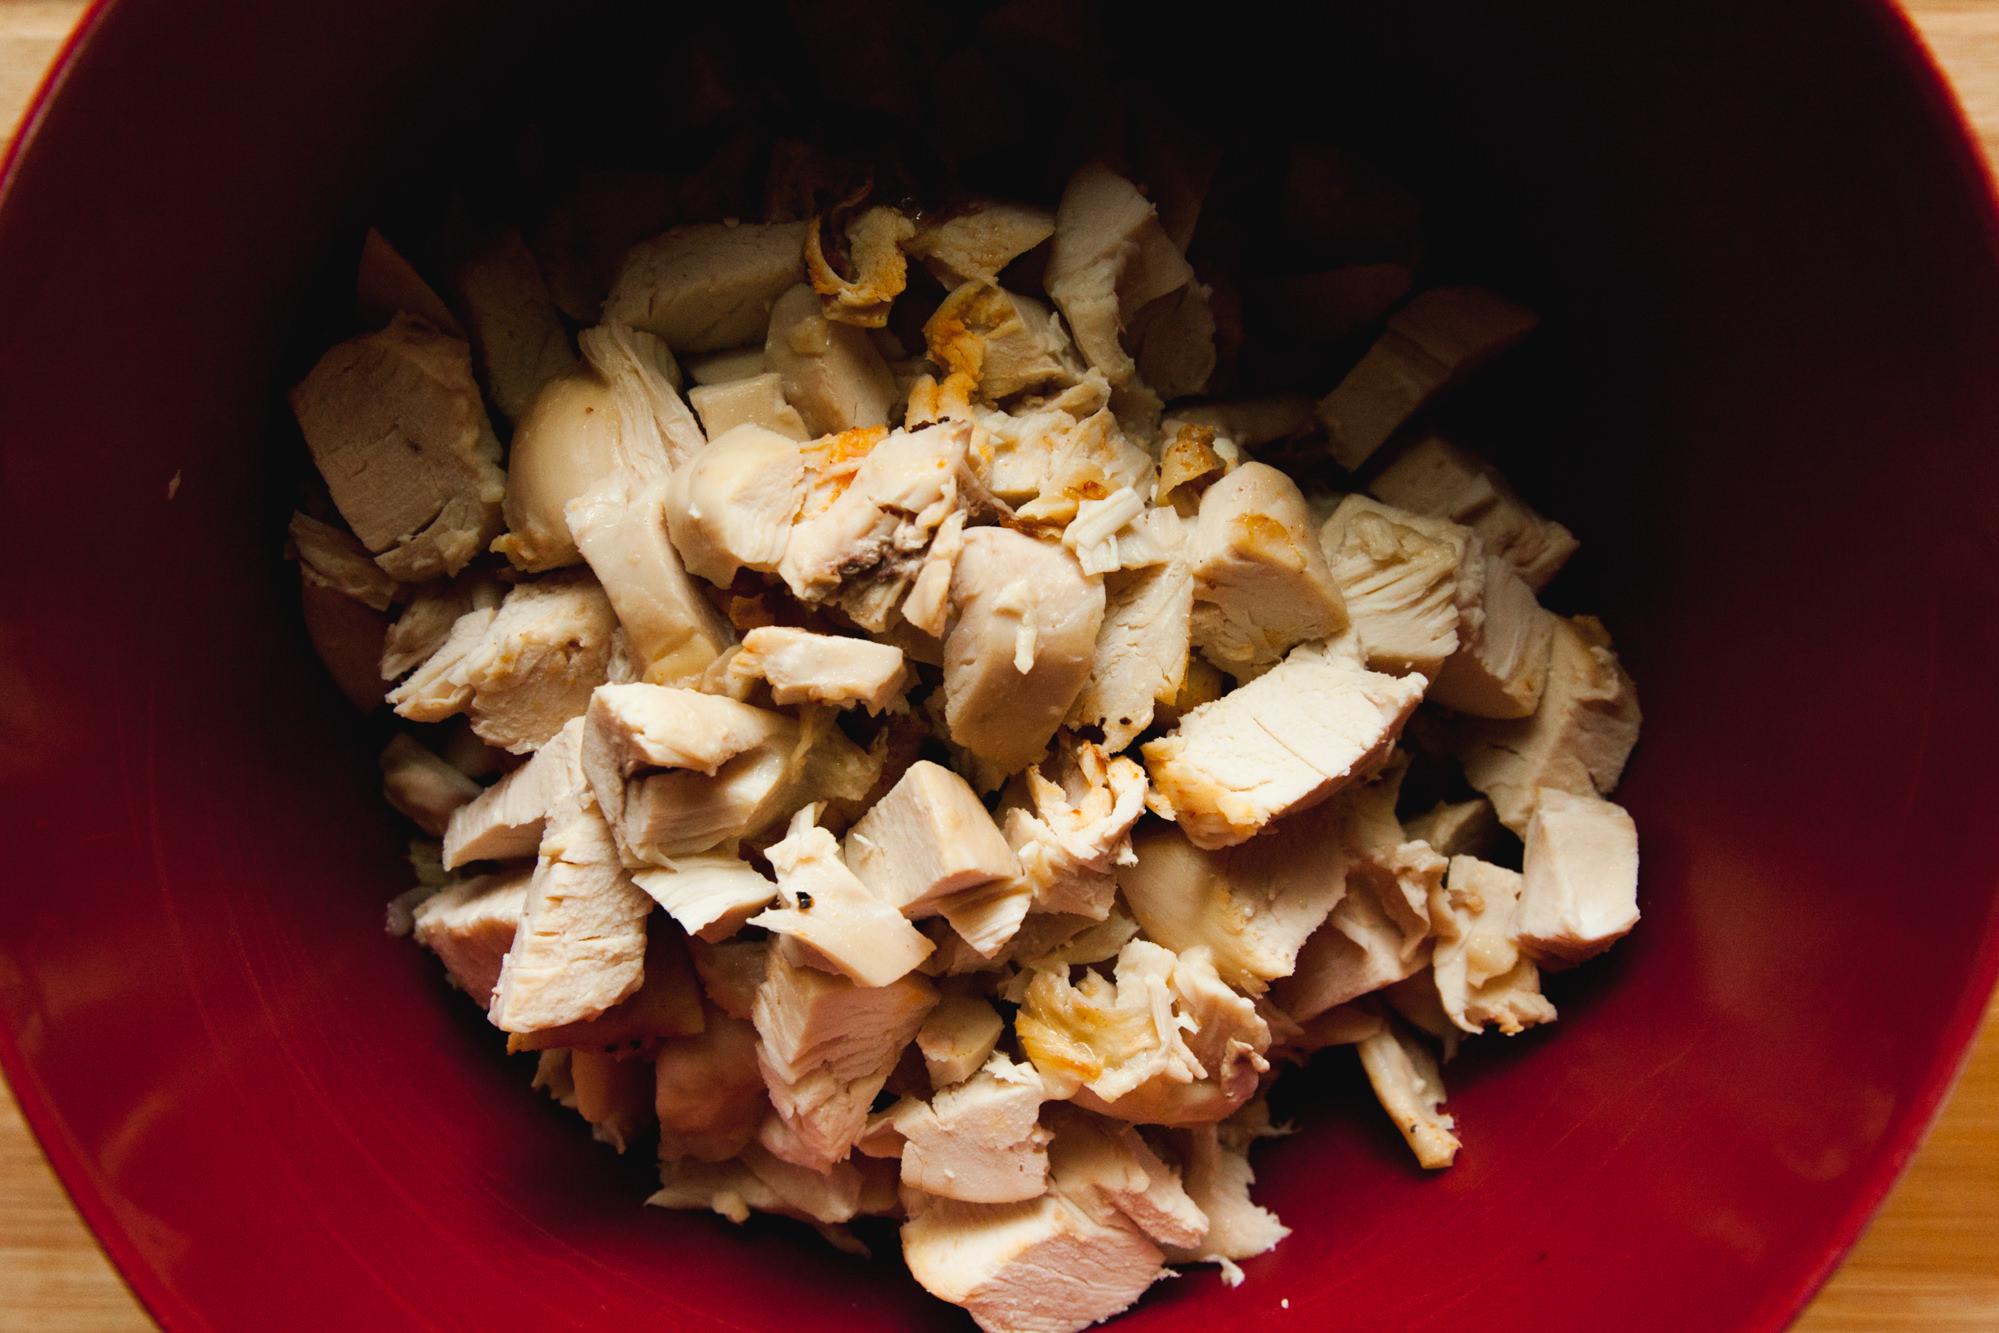 Chopped Rotisserie Chicken For Chicken Salad